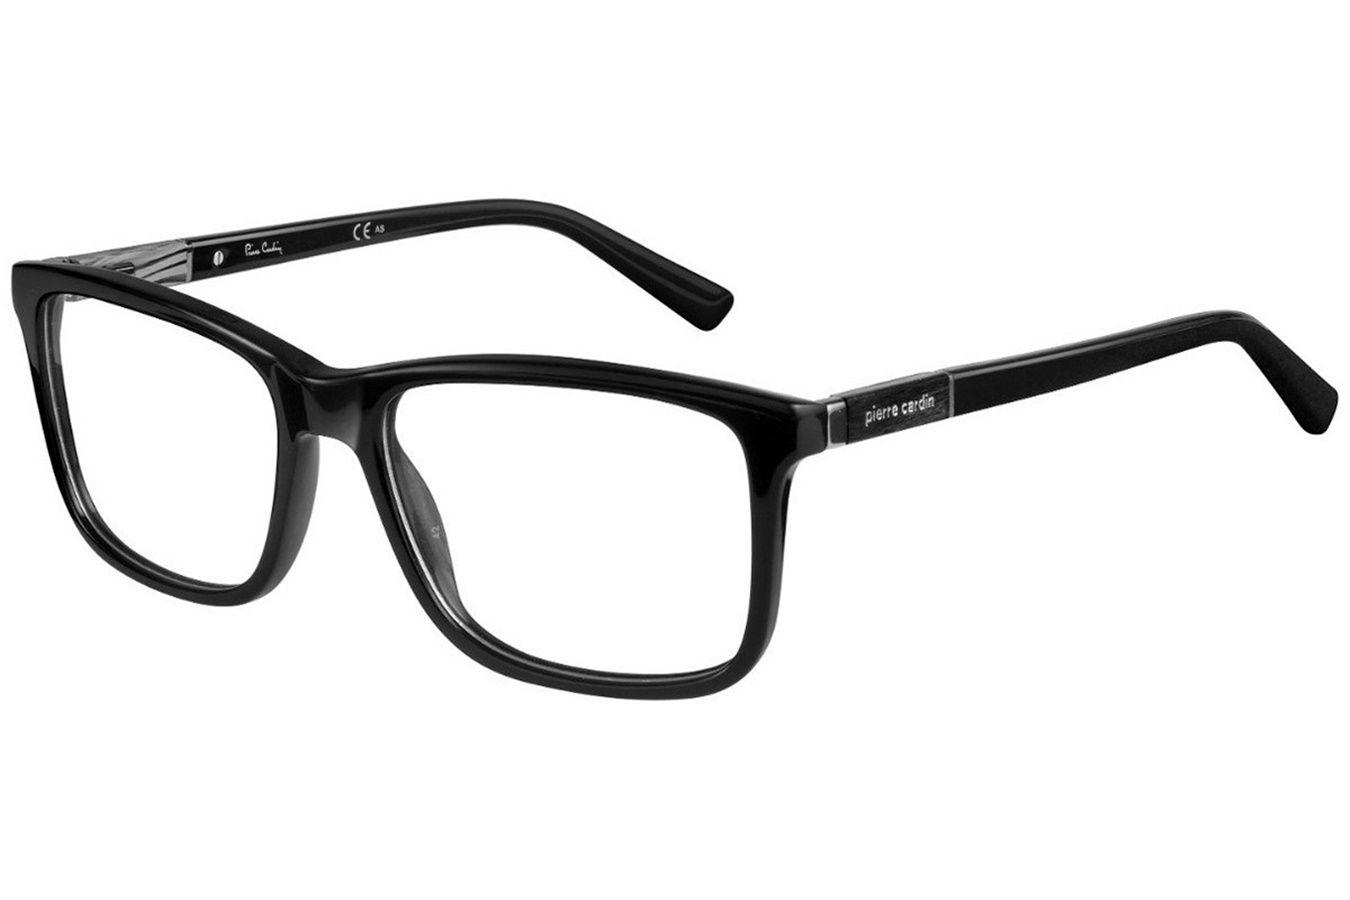 5a6ecbccc Armação Óculos de Grau Pierre Cardin PC6168 807 - Omega Ótica e Relojoaria